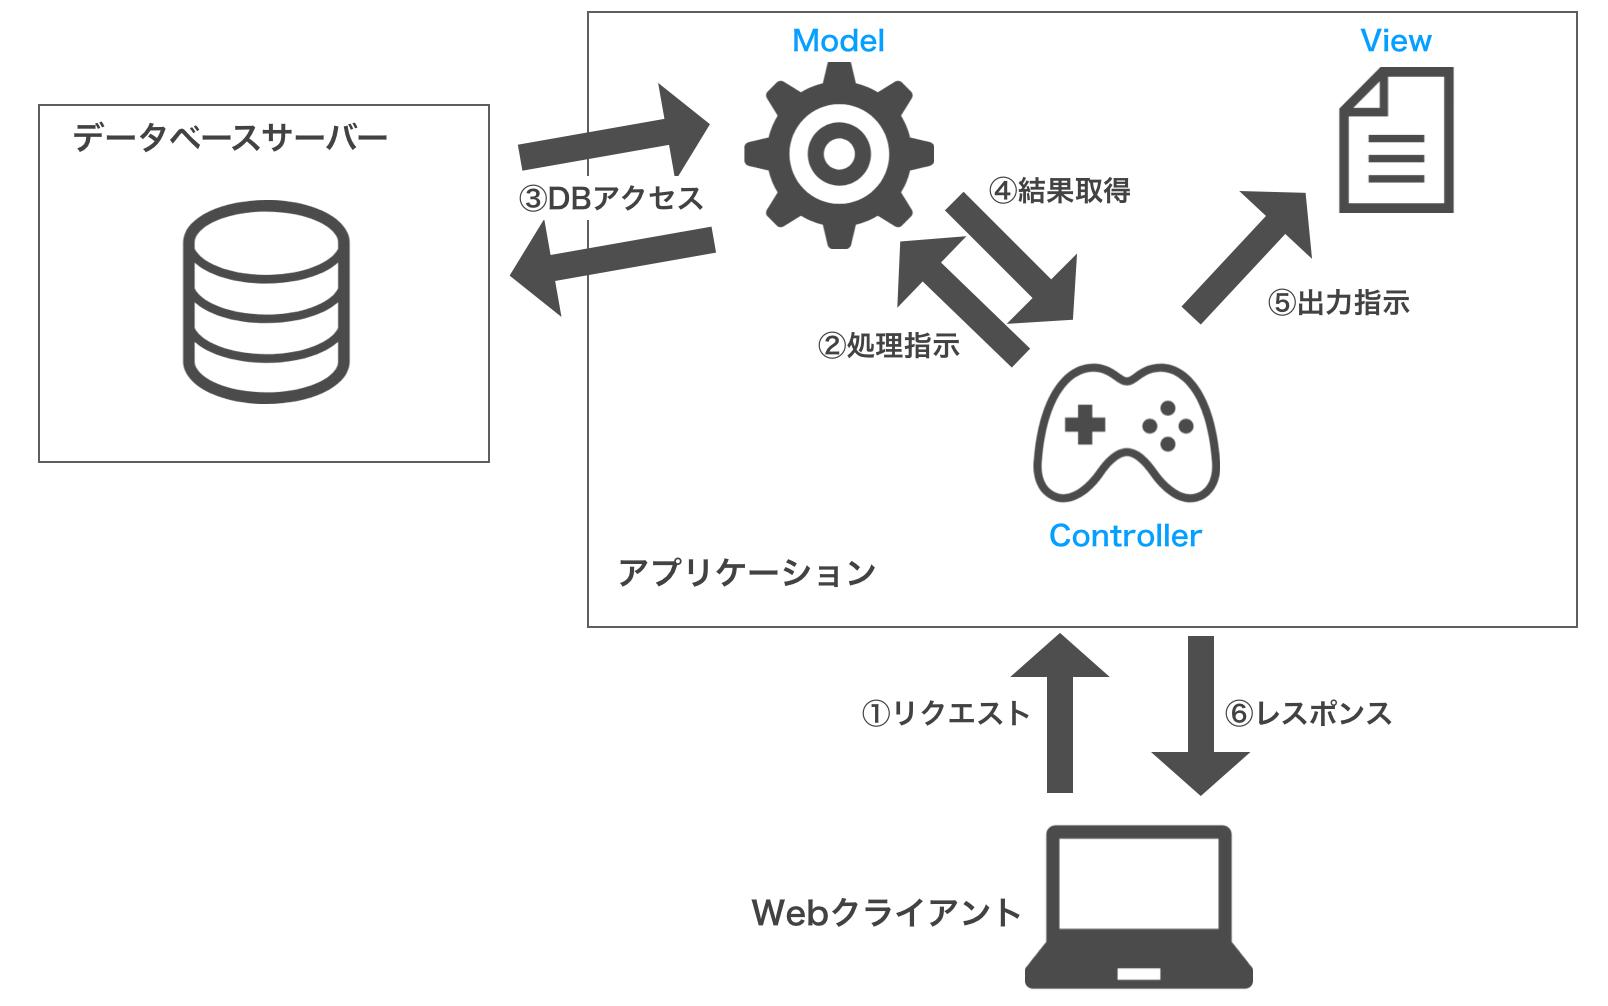 スクリーンショット_MVC.png